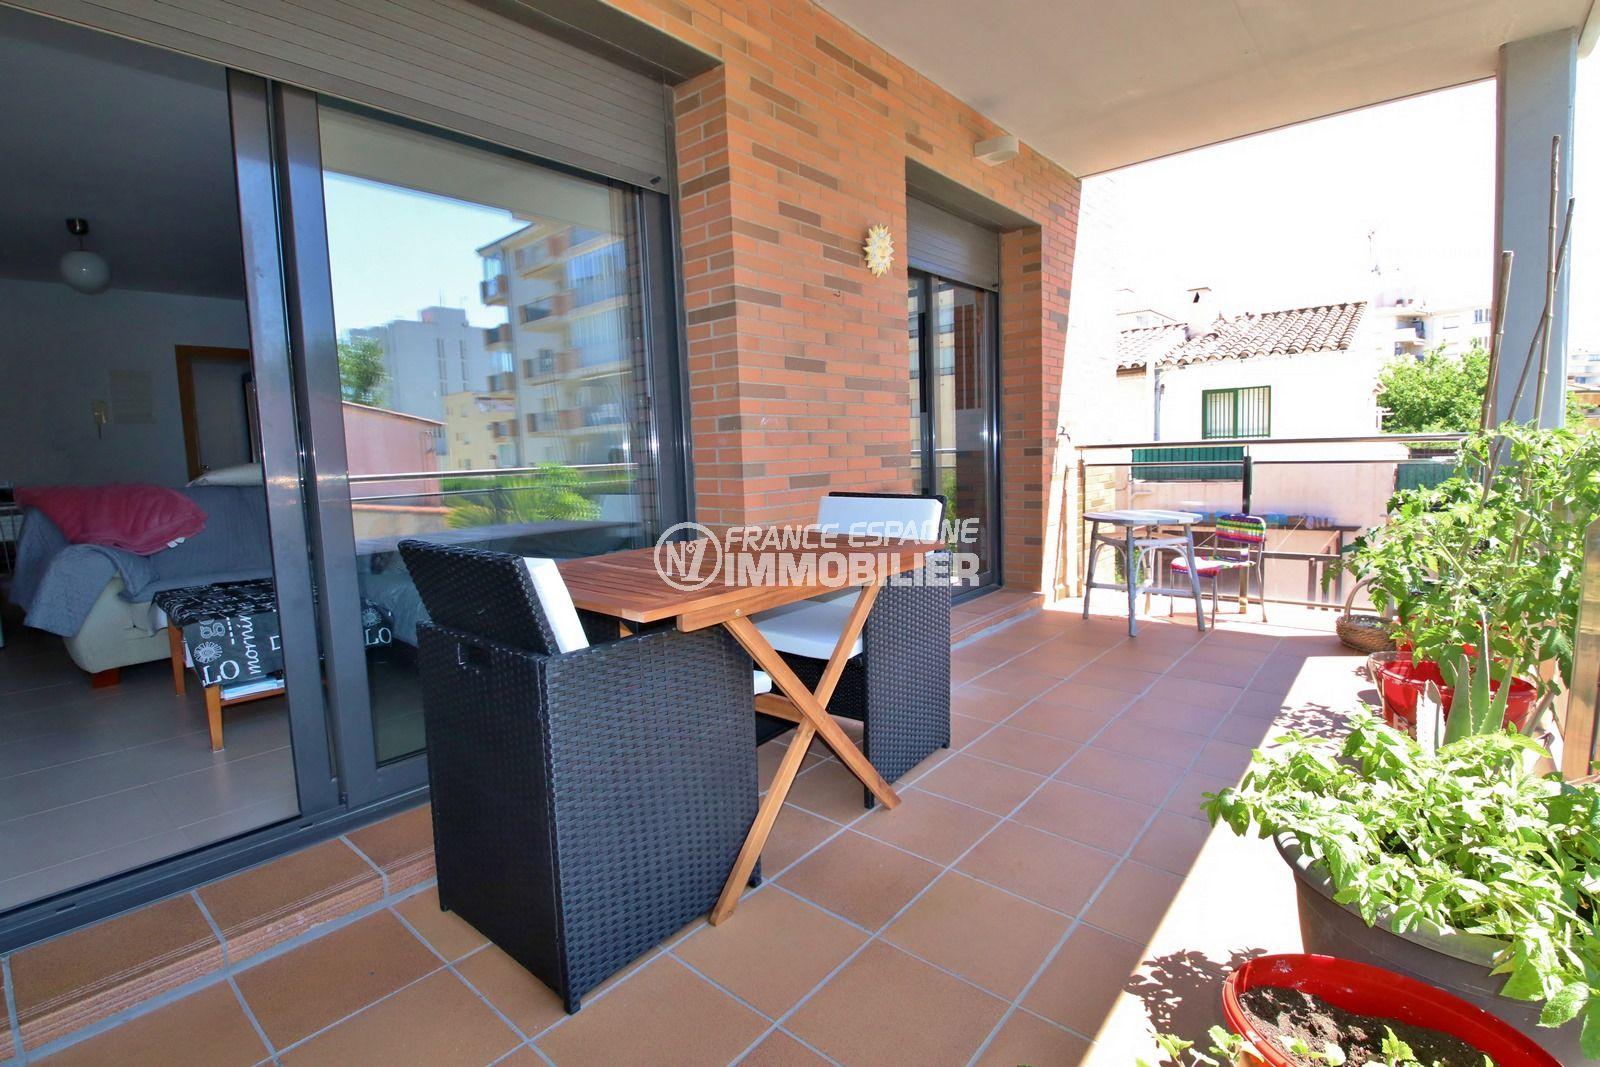 immobilier costa brava: appartement 3 pièces 68 m², terrasse 15 m² et parking extérieur couvert. plage et commerces à 400 m